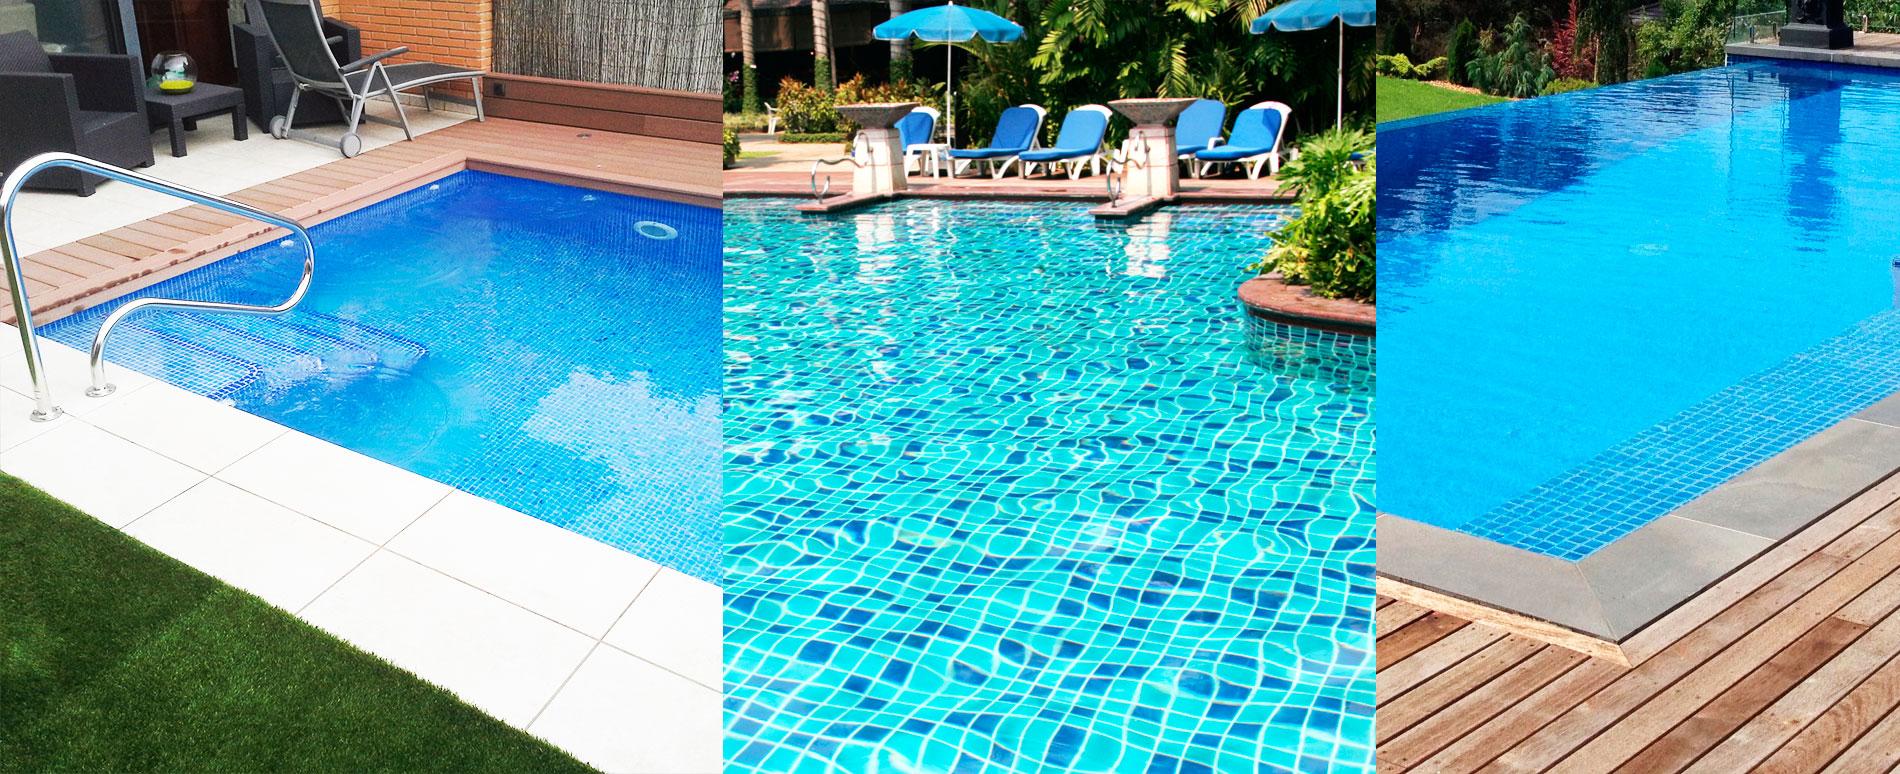 Codetrac s l piscinas venta de producto qu mico y for Piscinas municipales lleida